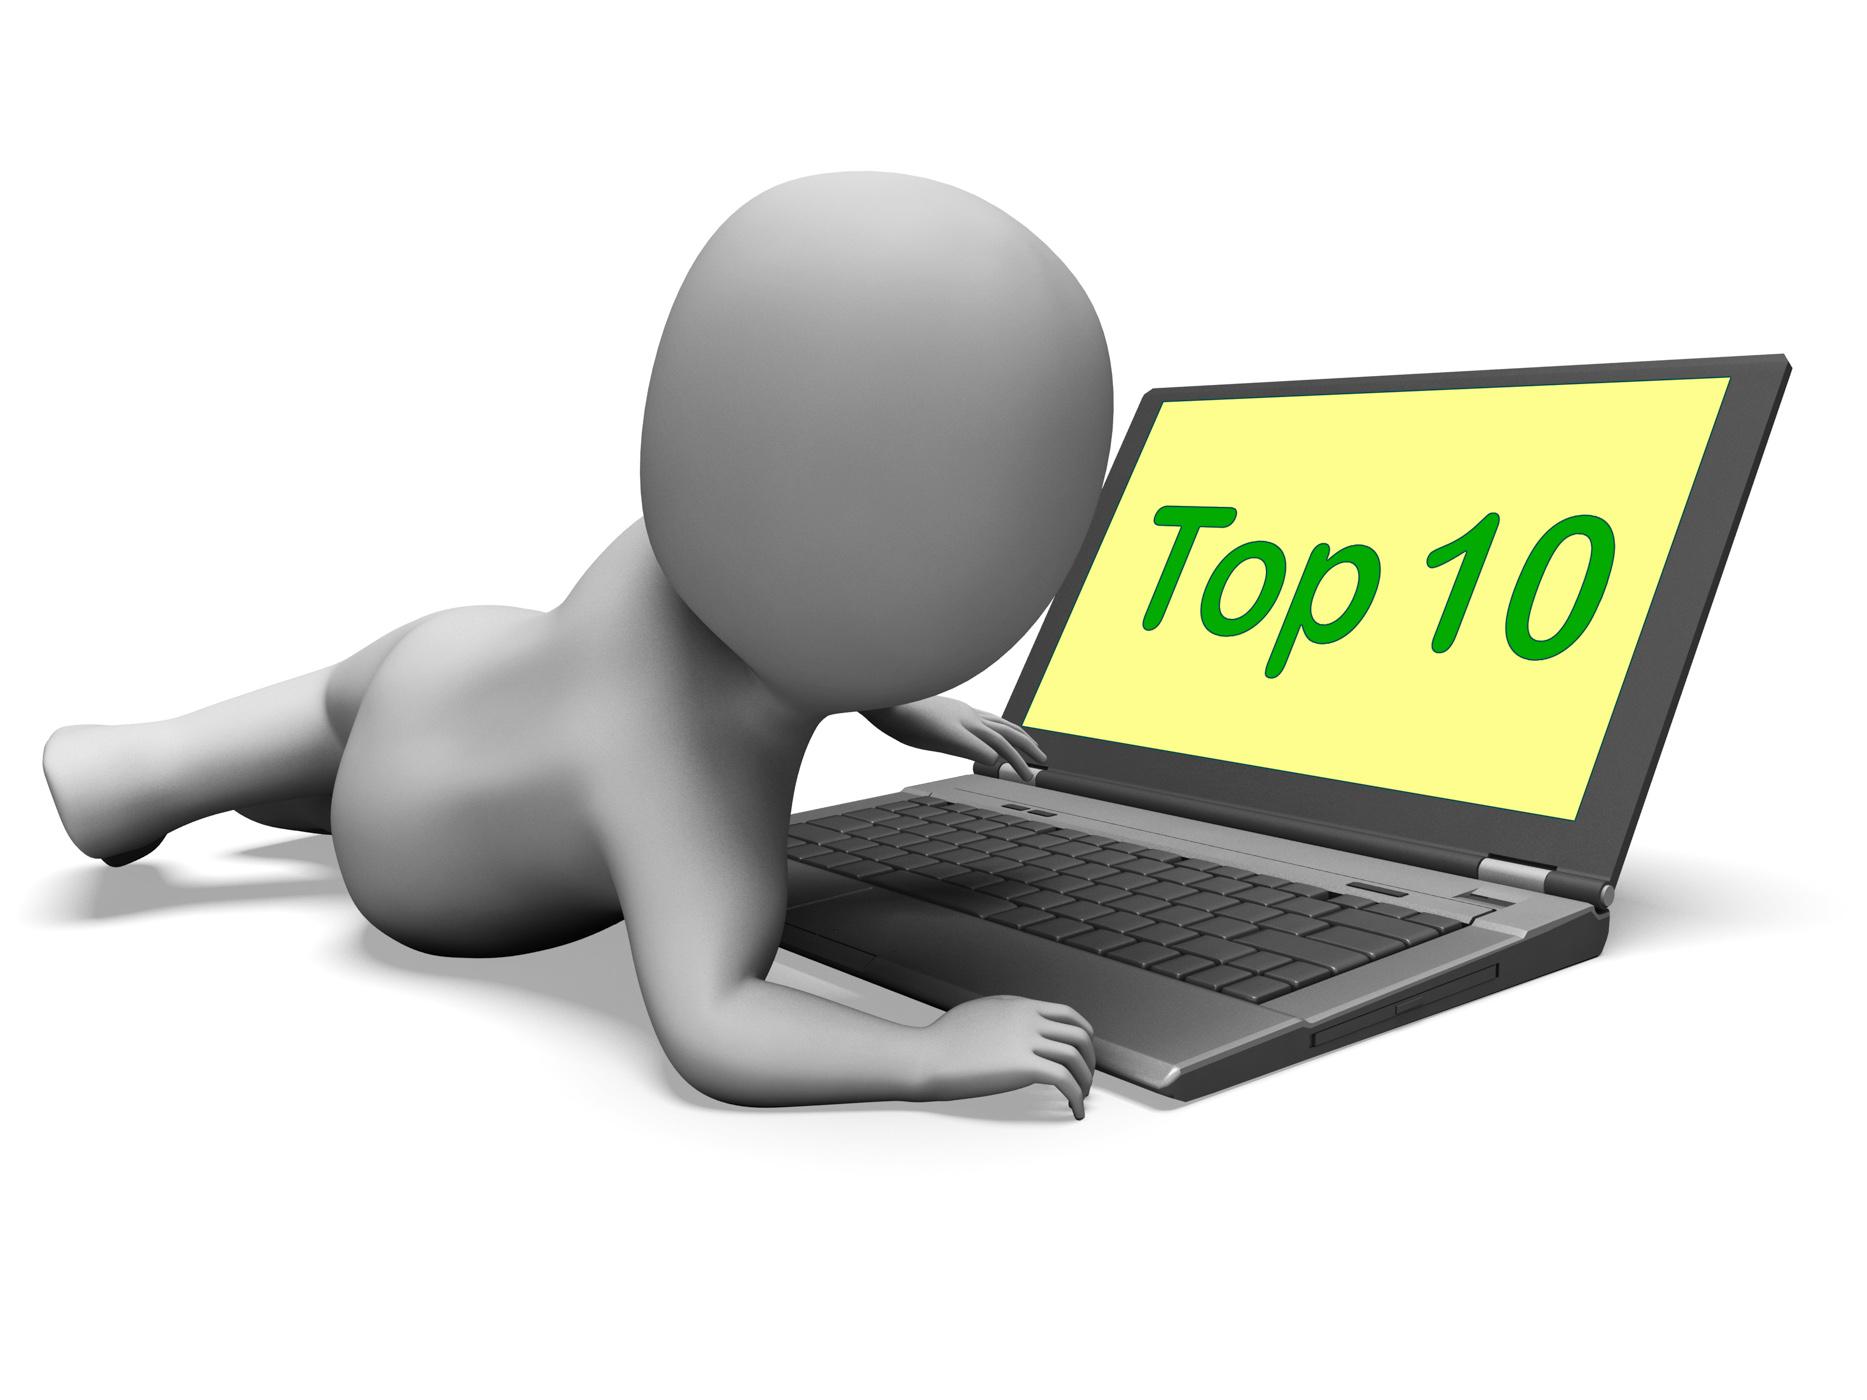 Top ten character laptop shows best top ranking photo